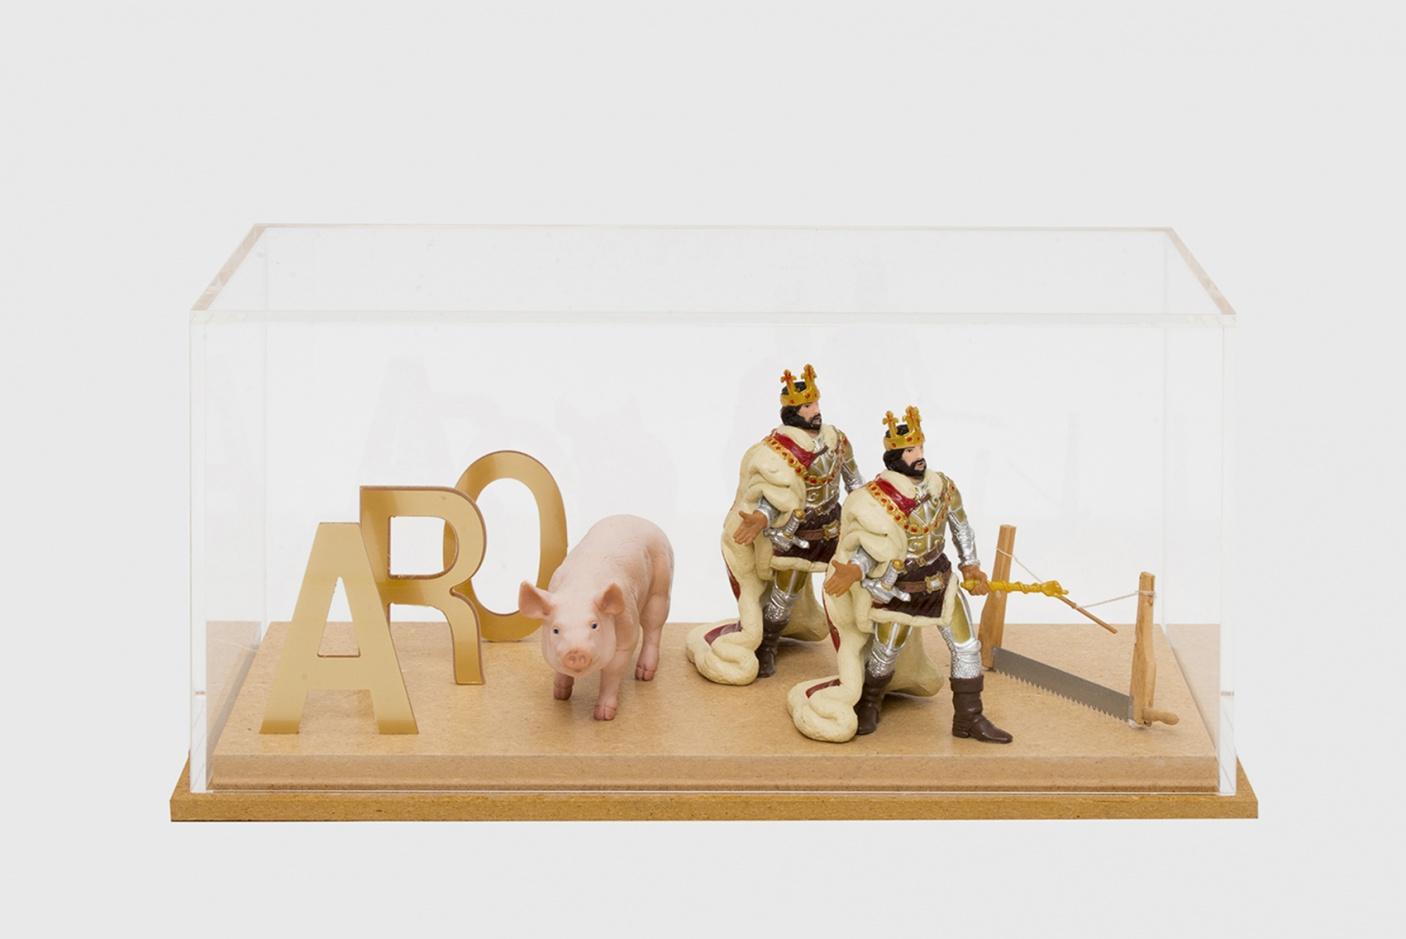 Rébus Romain Denis : A-R-0-porc-deux-rois-scie